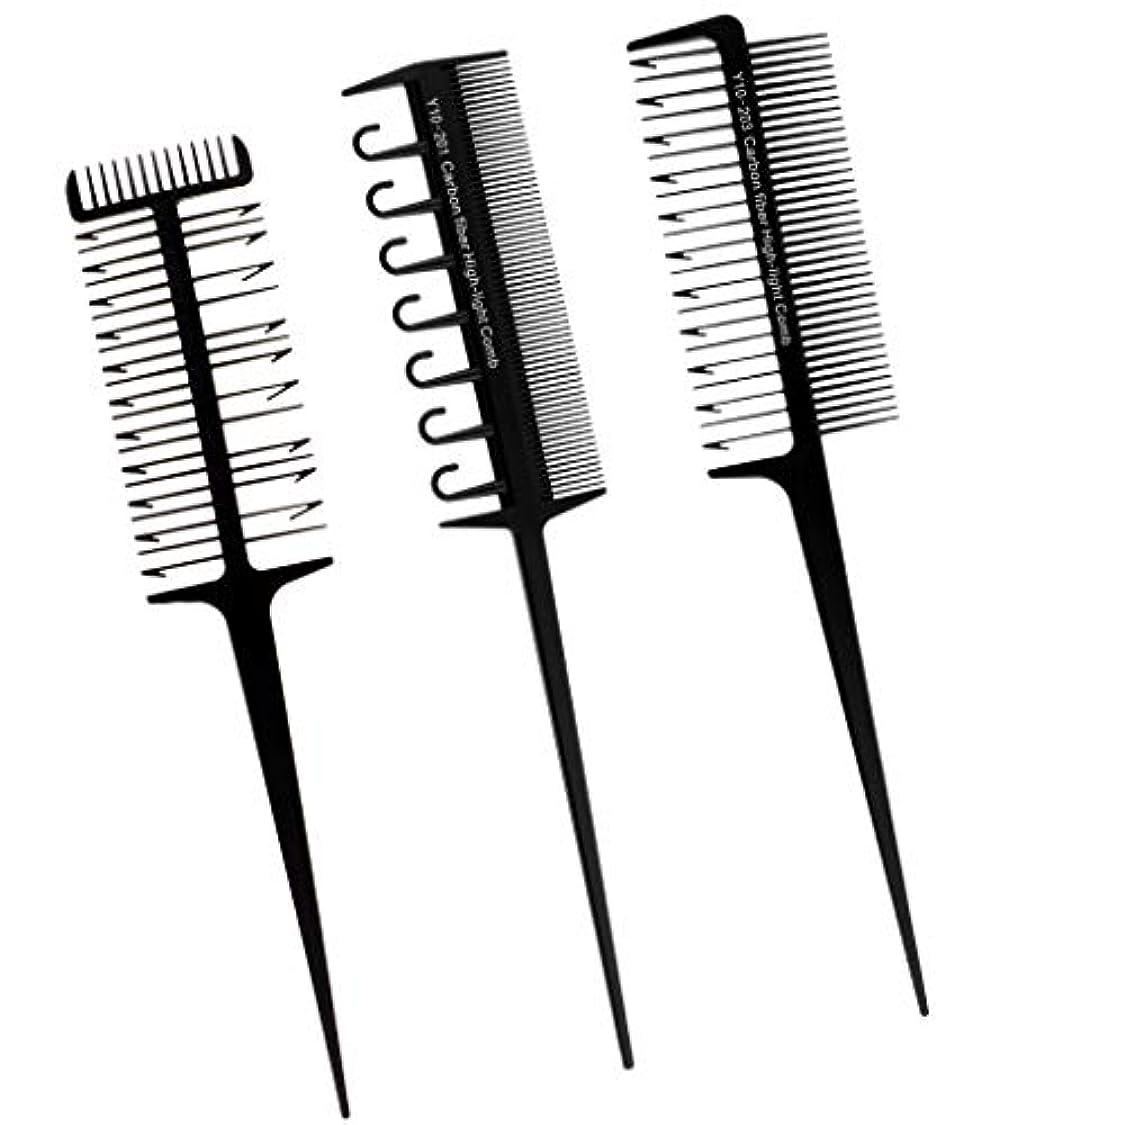 トン独立事実上CUTICATE ヘアダイブラシ プロ用 へアカラーセット DIY髪染め用 サロン 美髪師用 ヘアカラーの用具 3本入